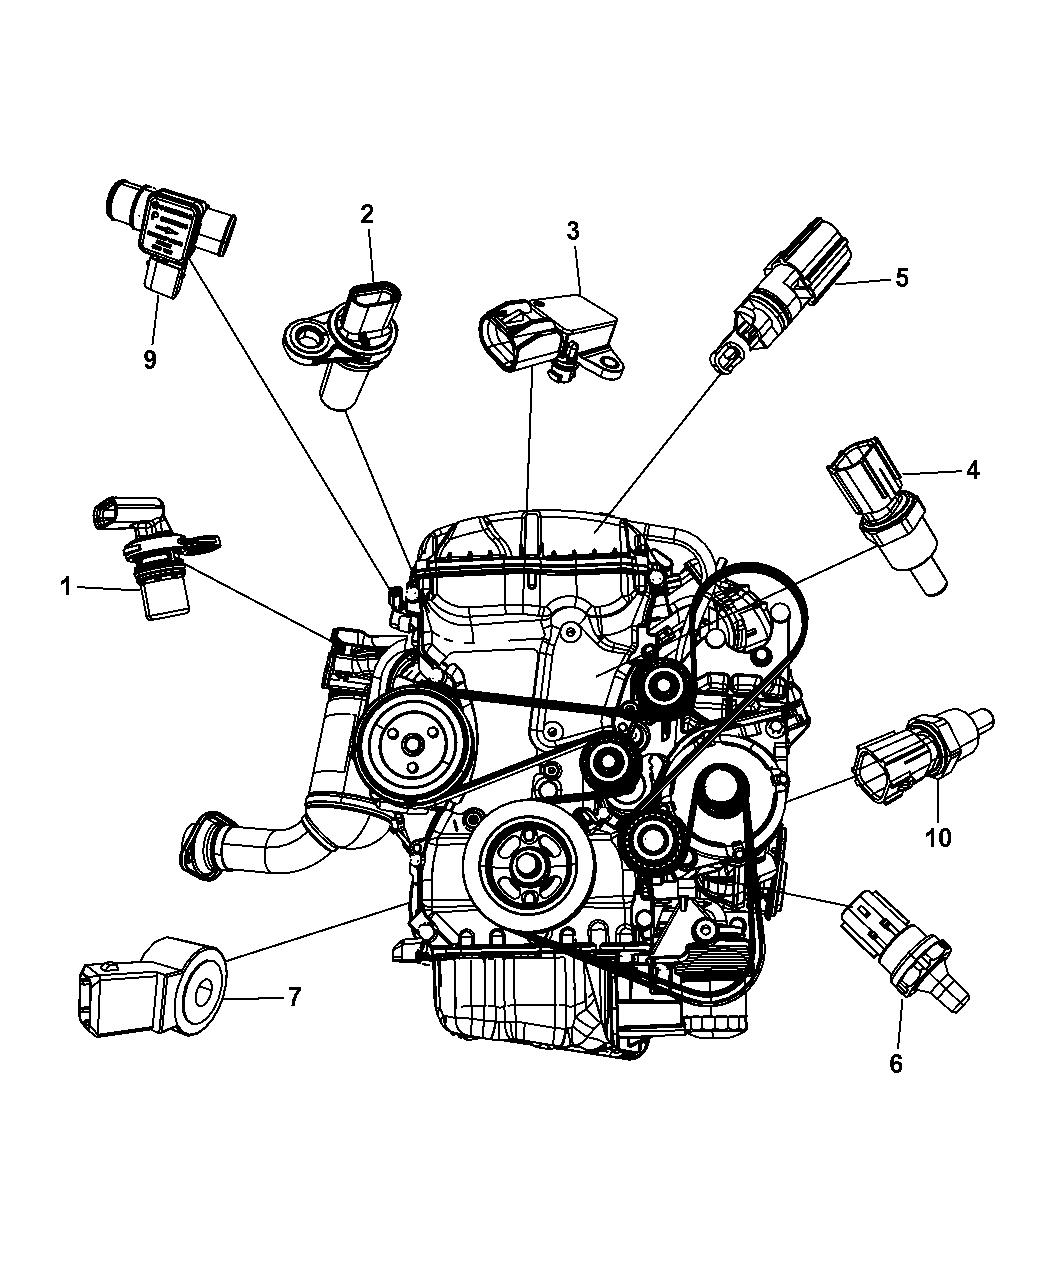 2013 Chrysler 200 Sensors - Engine - Thumbnail 1